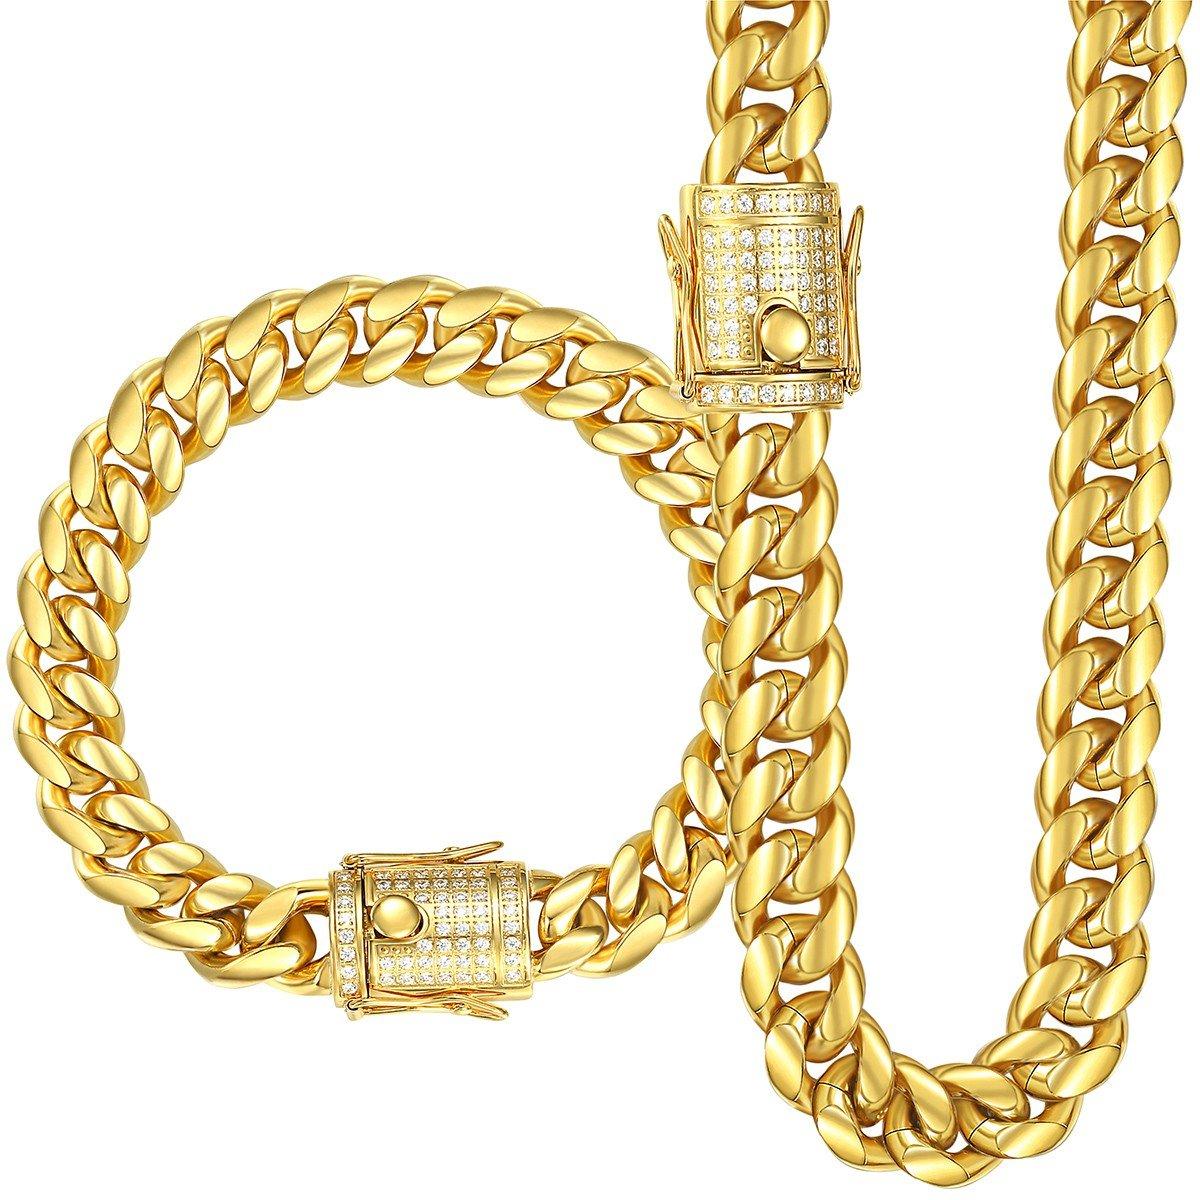 Trendsmax Miami cubano frenare collegamentoSet di gioielli catena bracciale uomo collana dorato argento Acciaio inossidabile 316L Hip Hop CZ 10-14mm HS58_930B